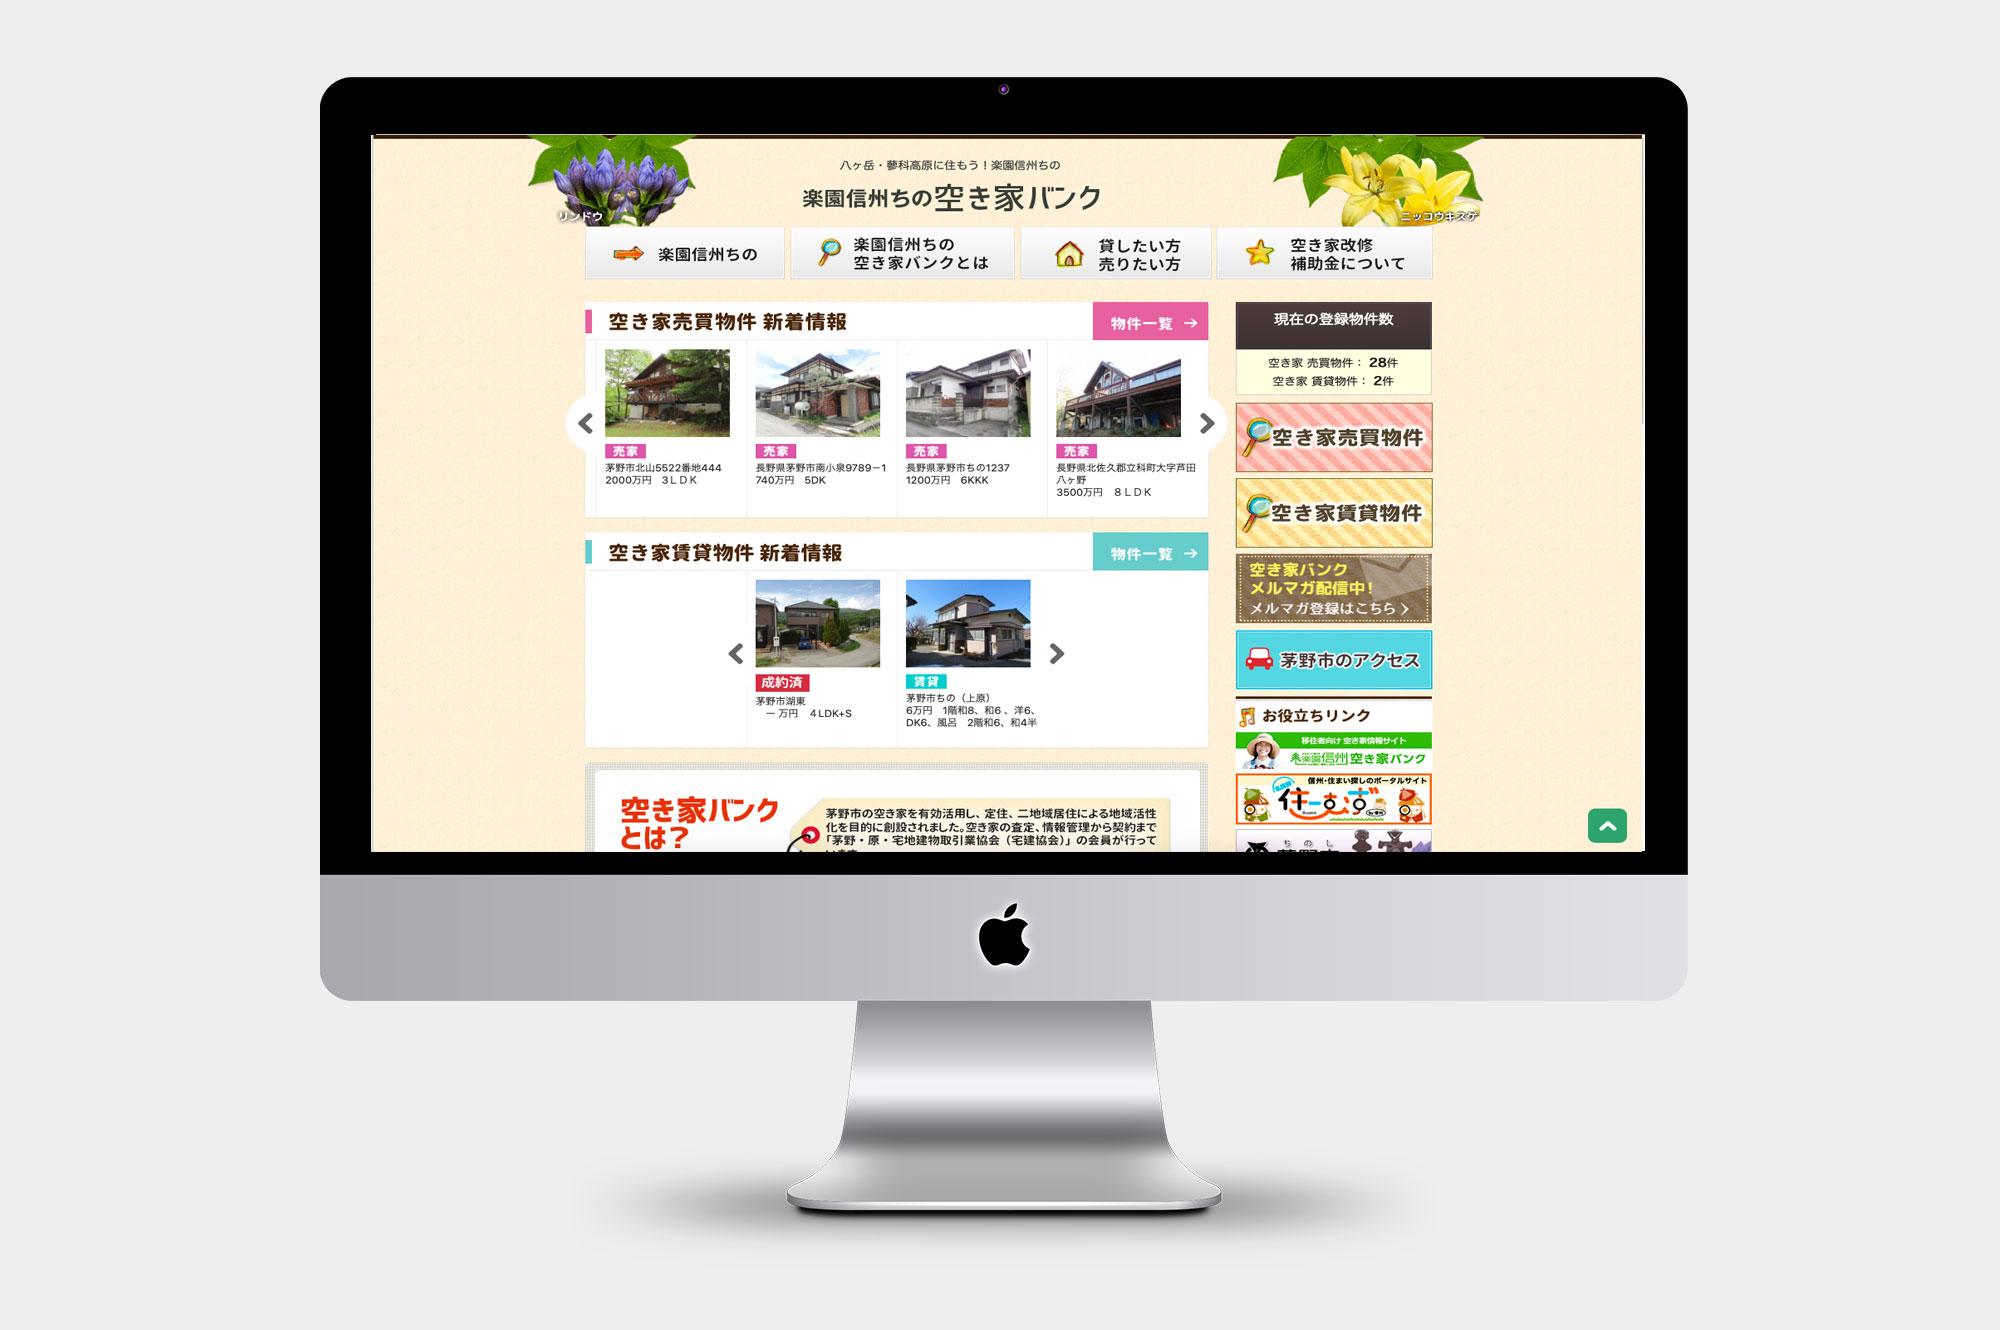 楽園信州ちの空き家バンク様ホームページ